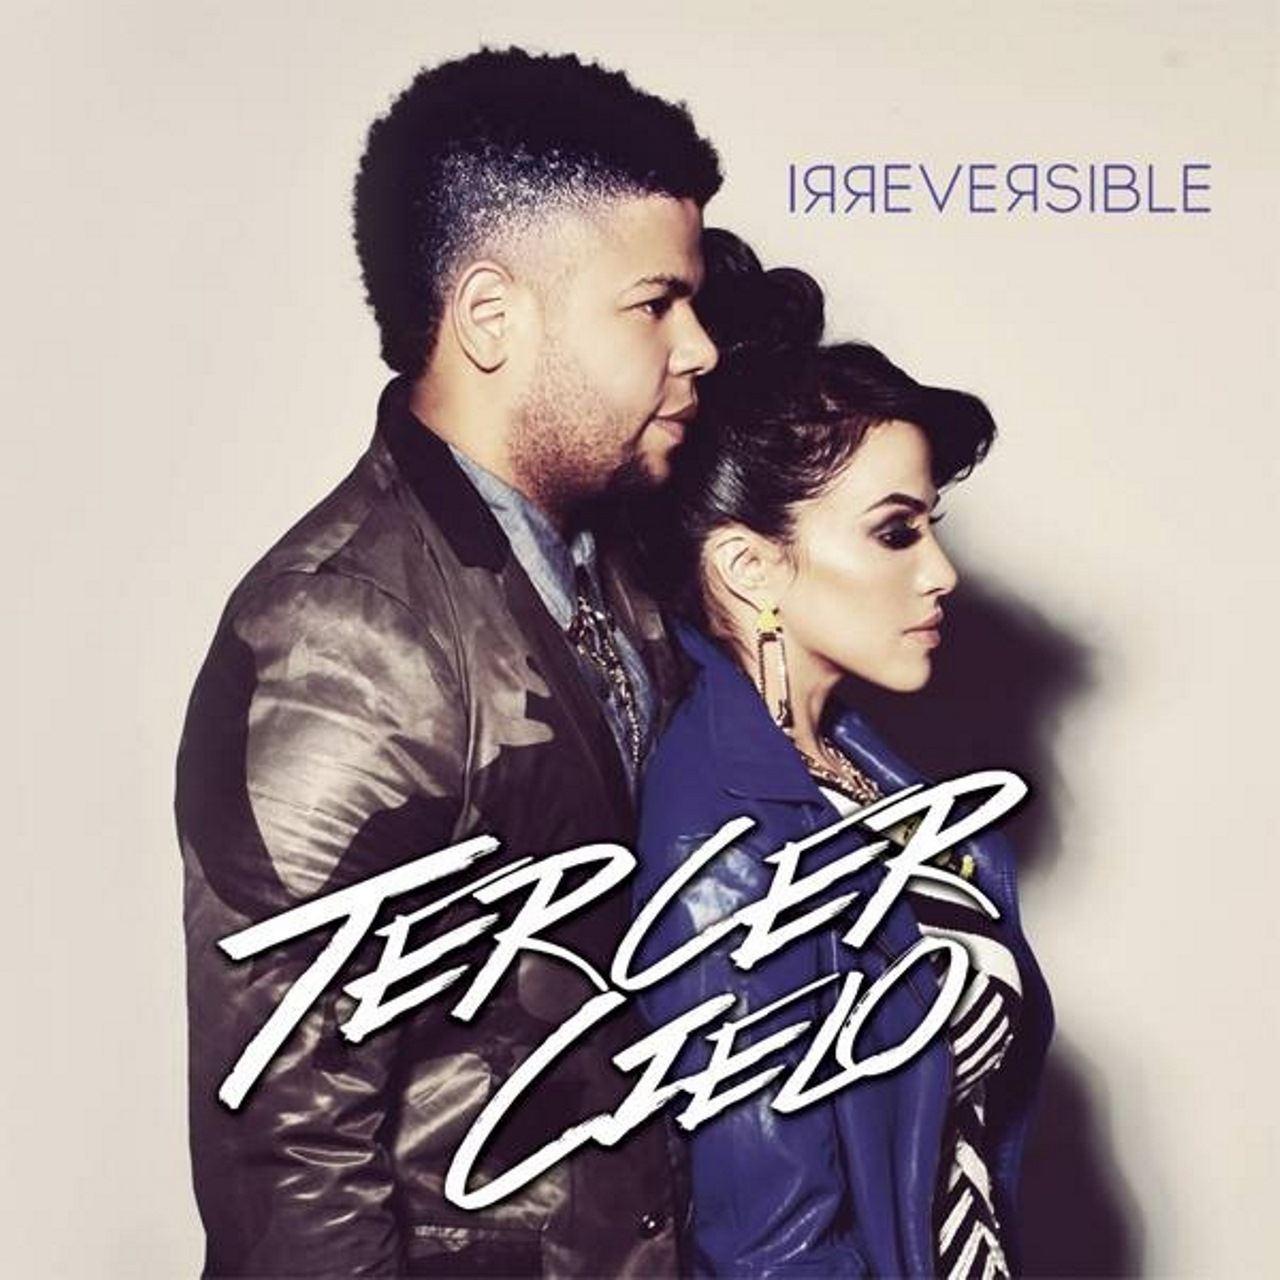 Irreversible-Tercer-Cielo-Anabella-Neri.jpg